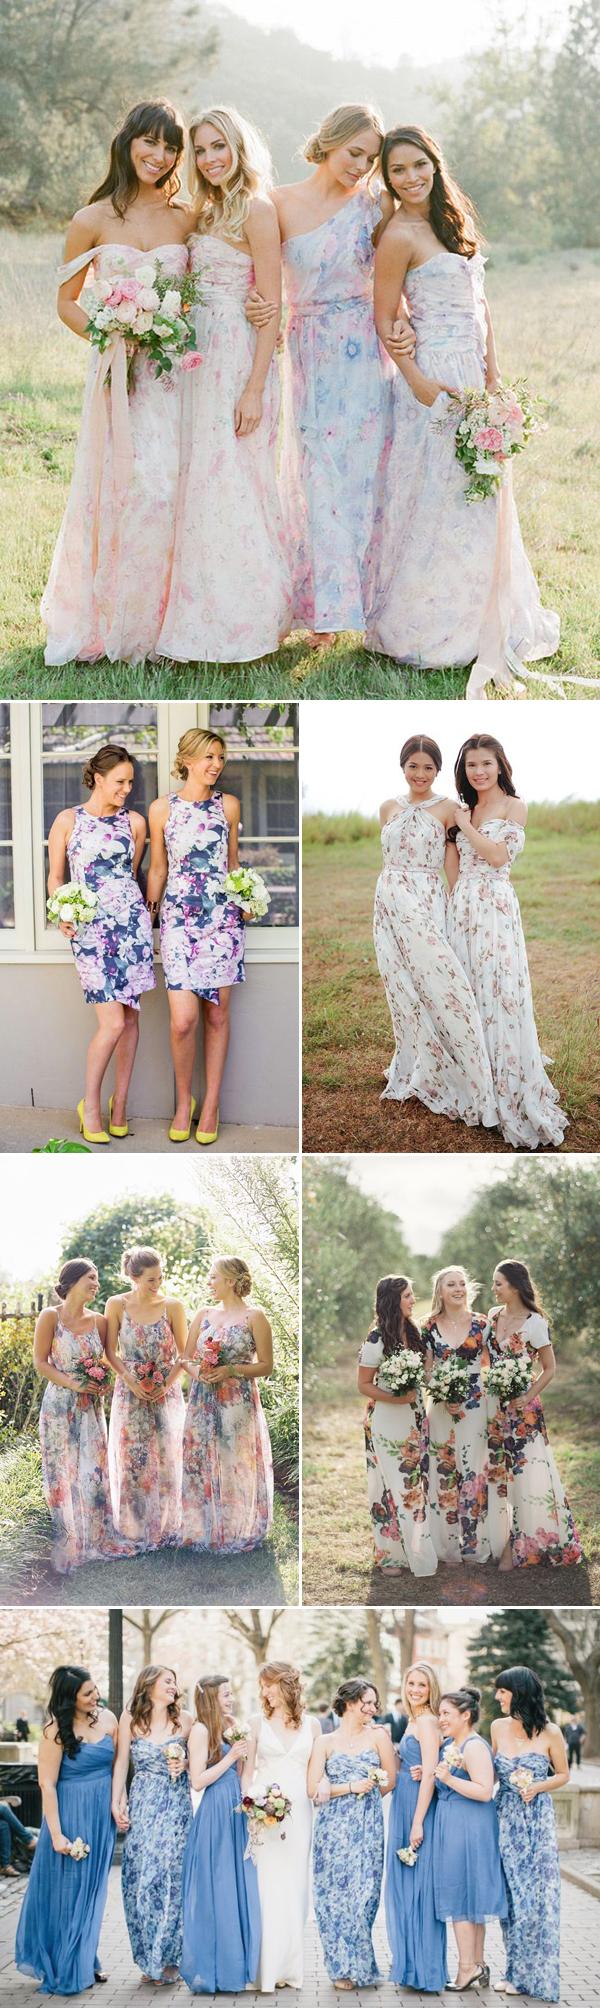 bridesmaid03-floral